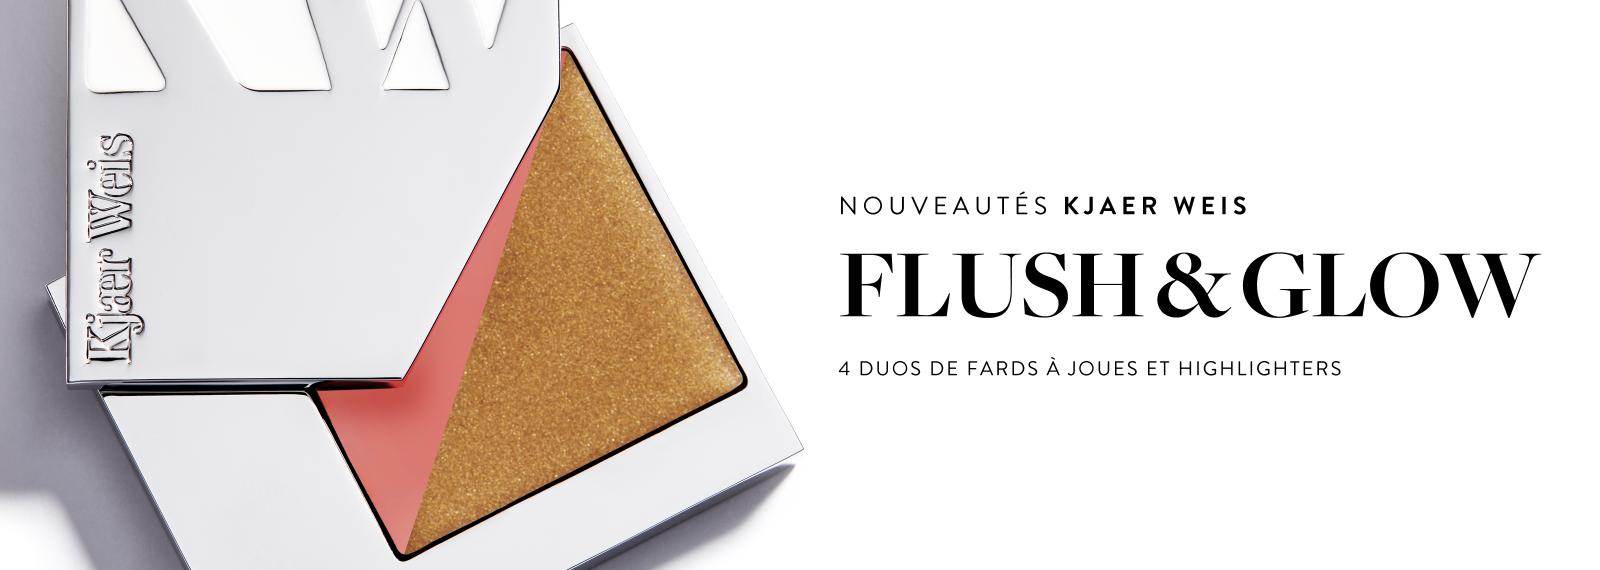 Nouveautés - KJAER WEIS - Flush & Glow